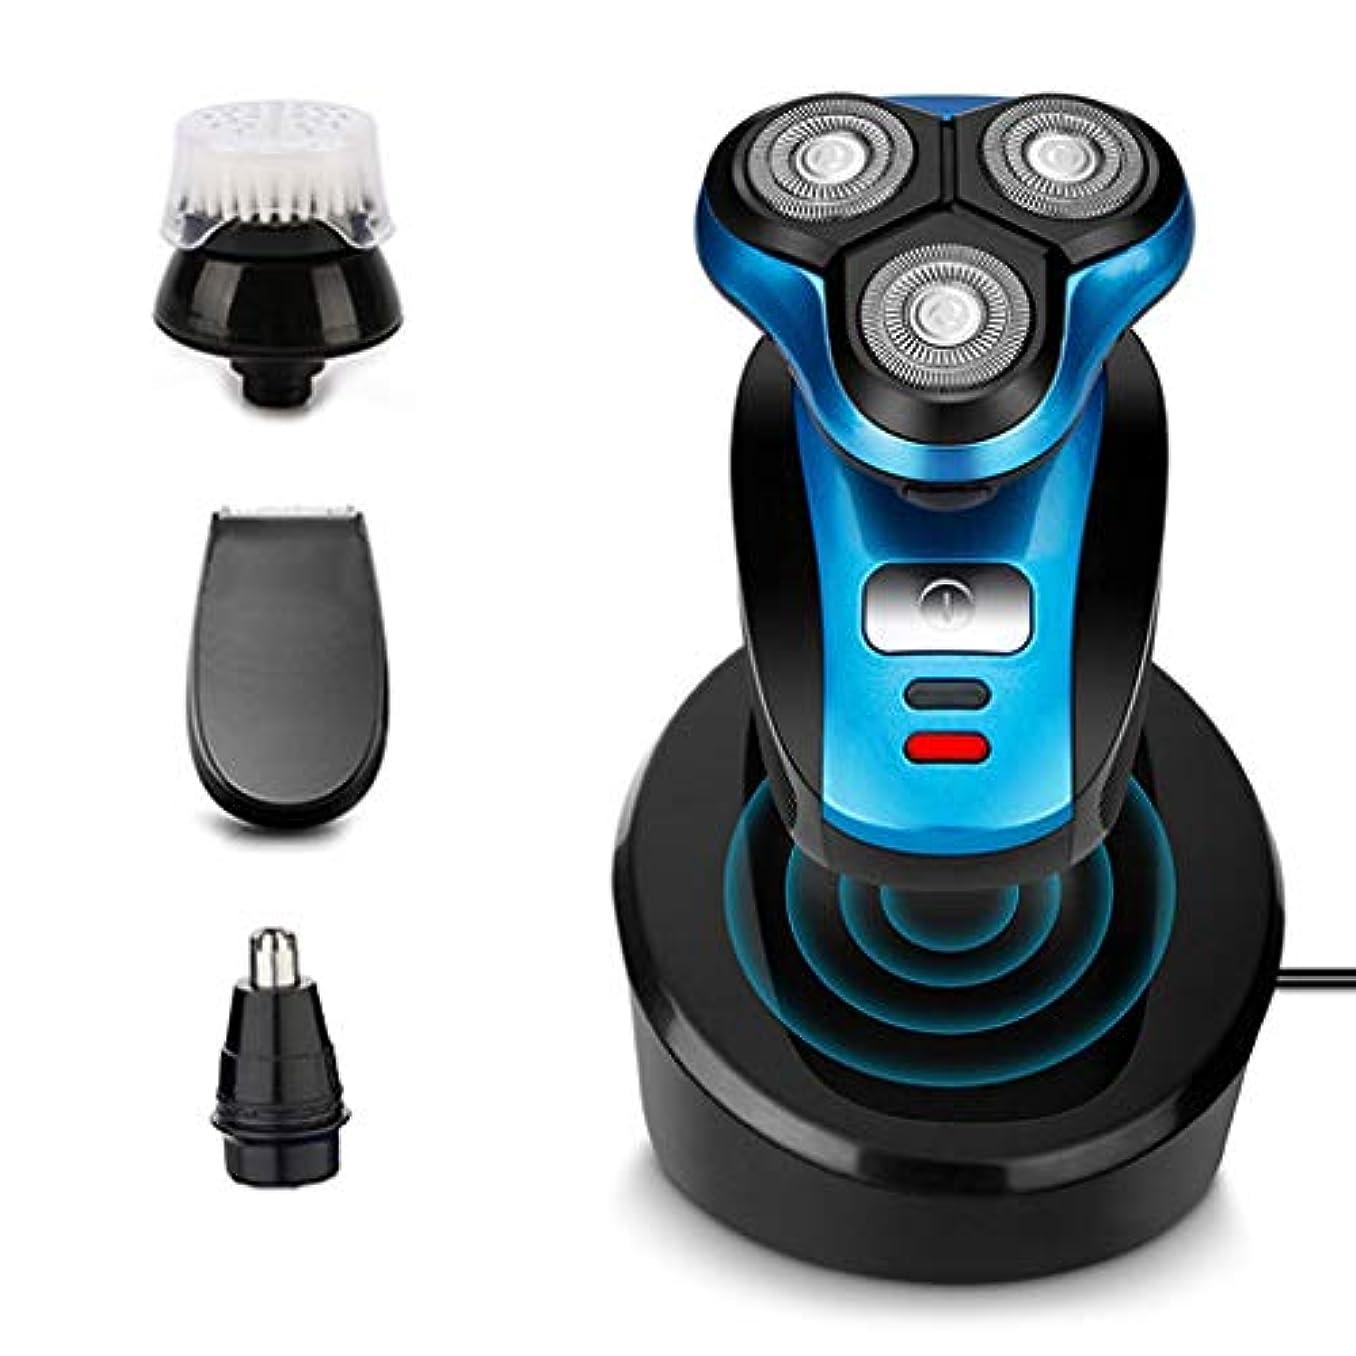 乱雑な保持西YHSUNN USBワイヤレス充電電気シェーバー男性用フローティング3ブレードヘッド電気シェービングマシン充電式かみそりフェイスケアツール